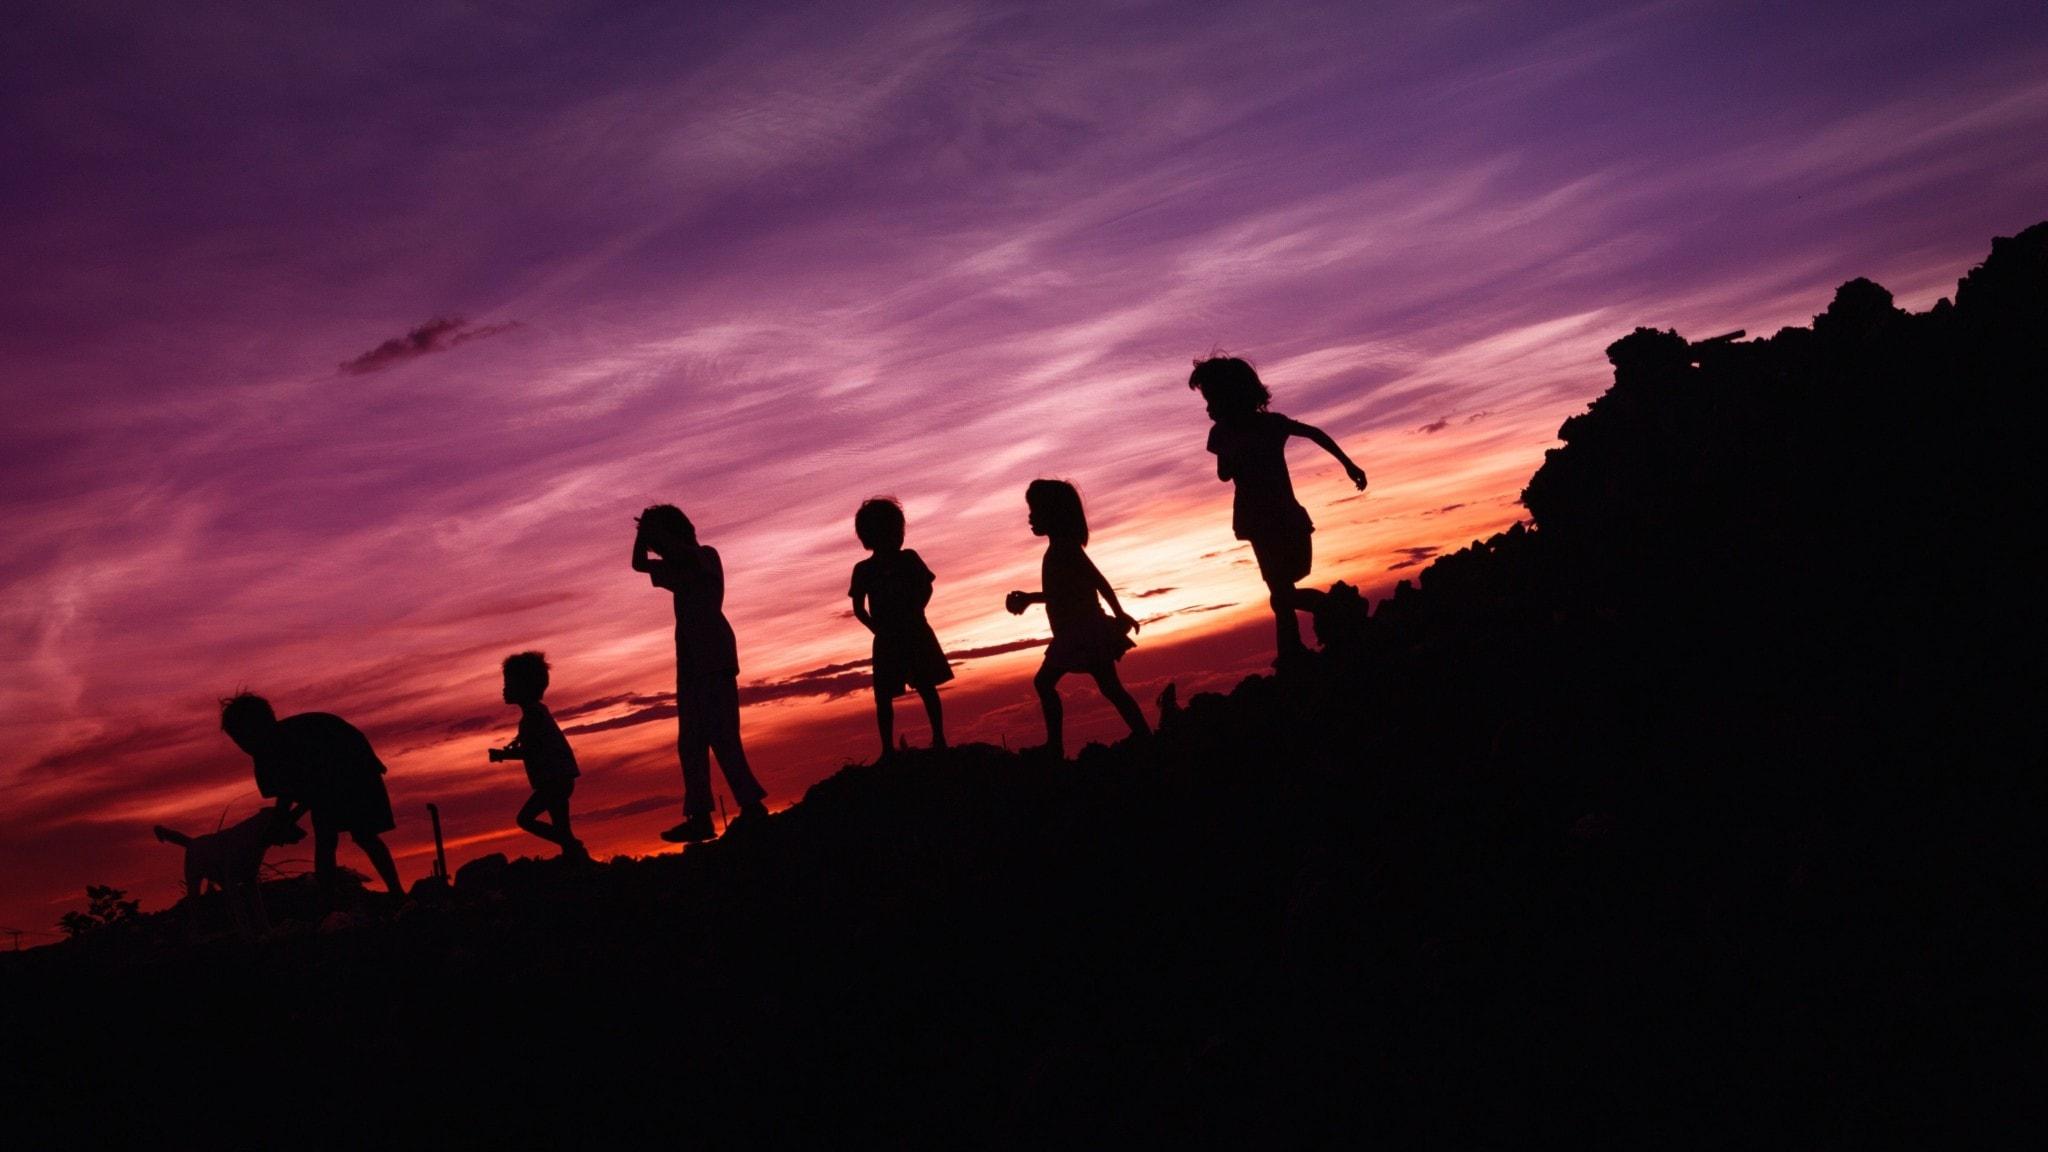 Skuggor av barn i en solnedgång.